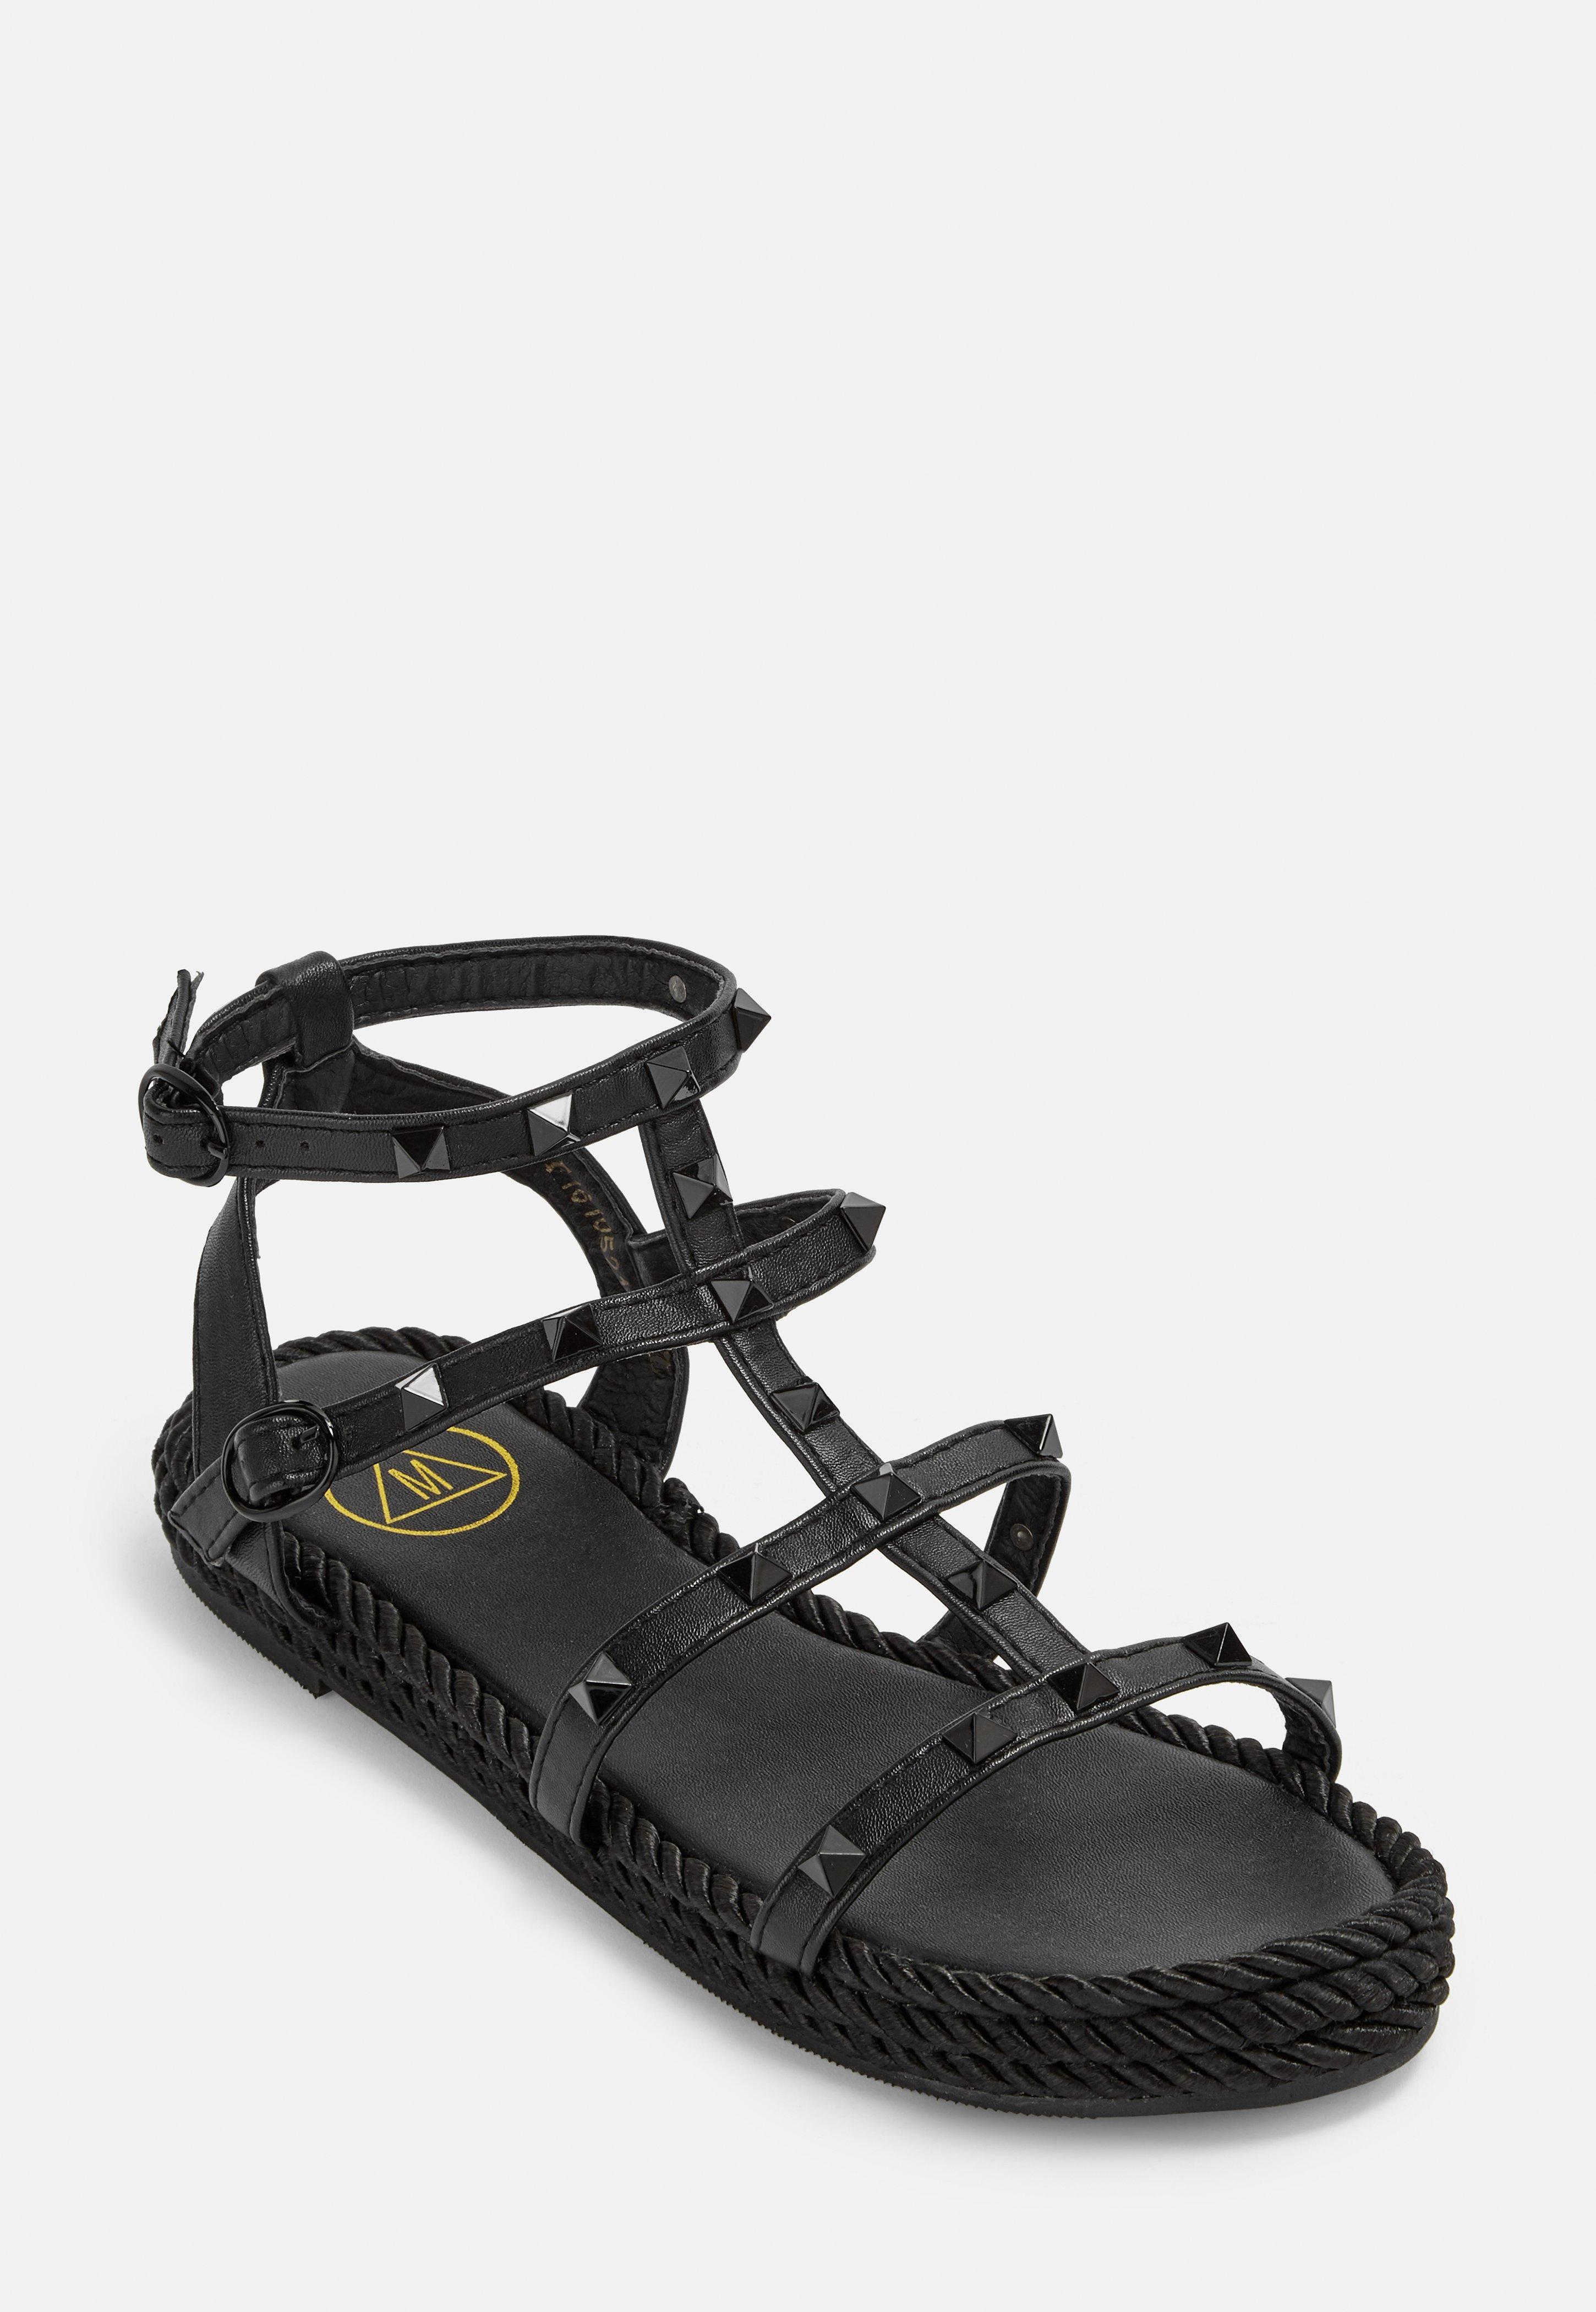 3a609547a032 Shoes